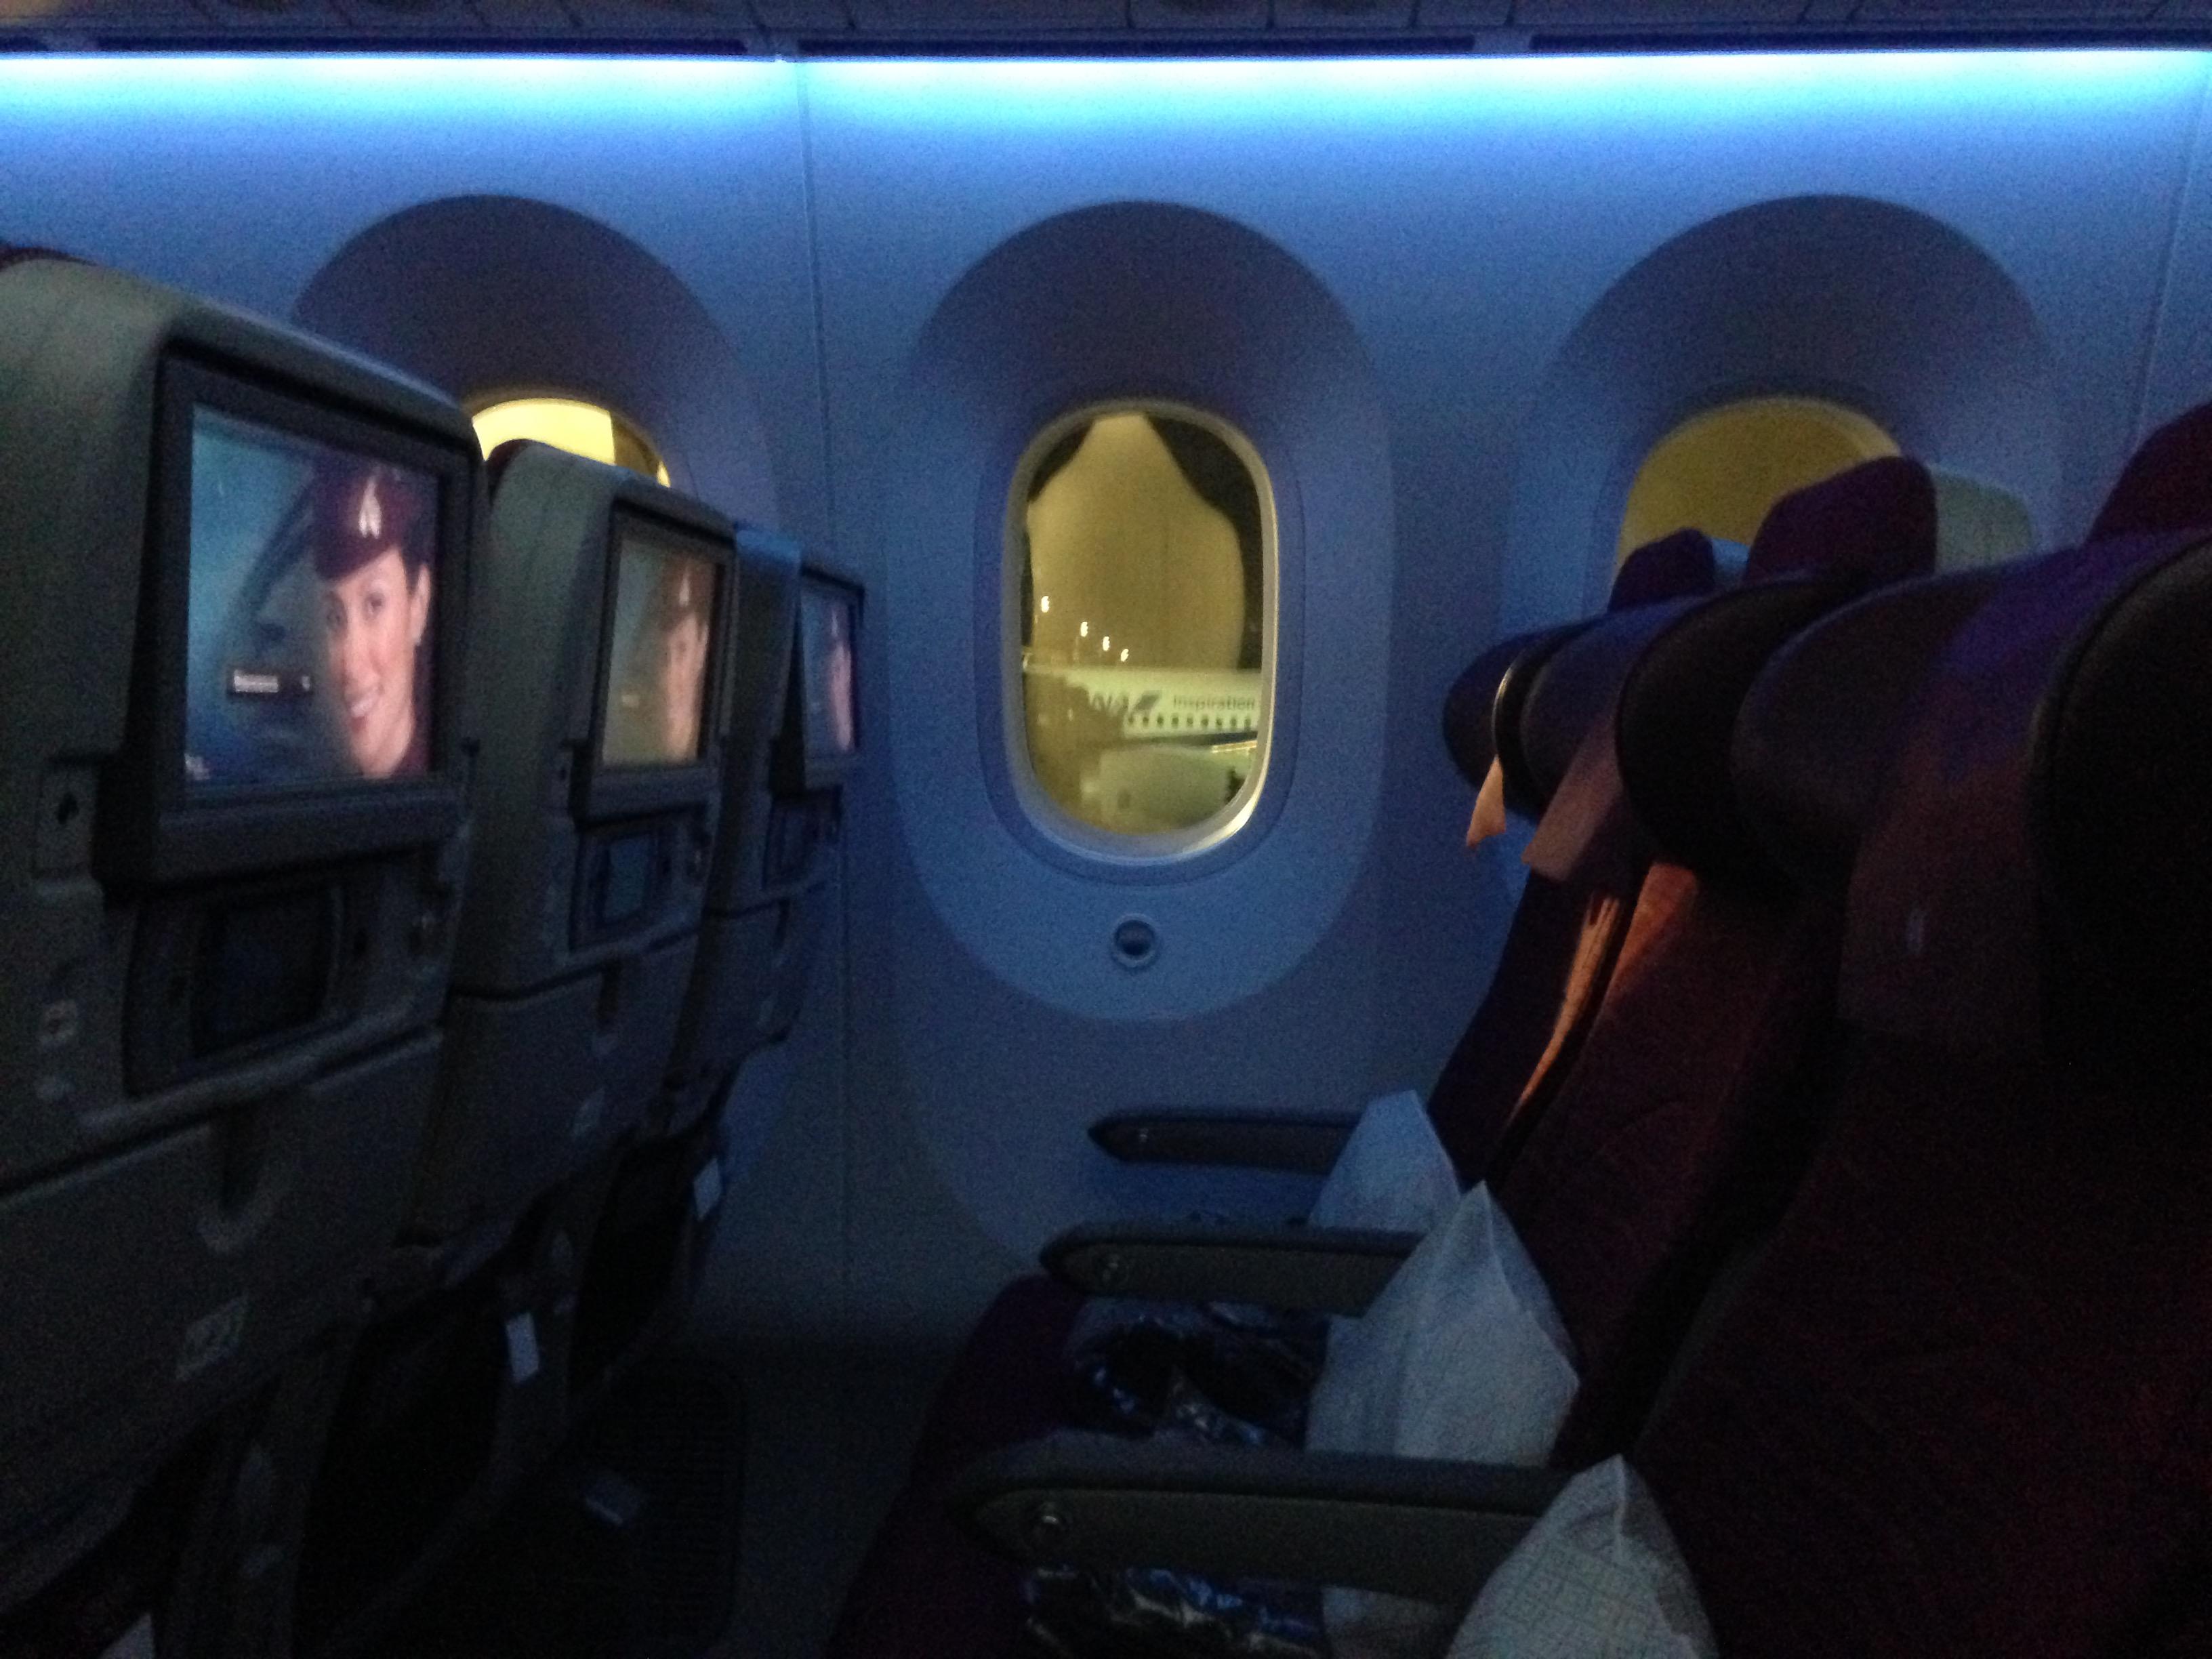 空の五つ星!カタール航空でベジ食オーダー